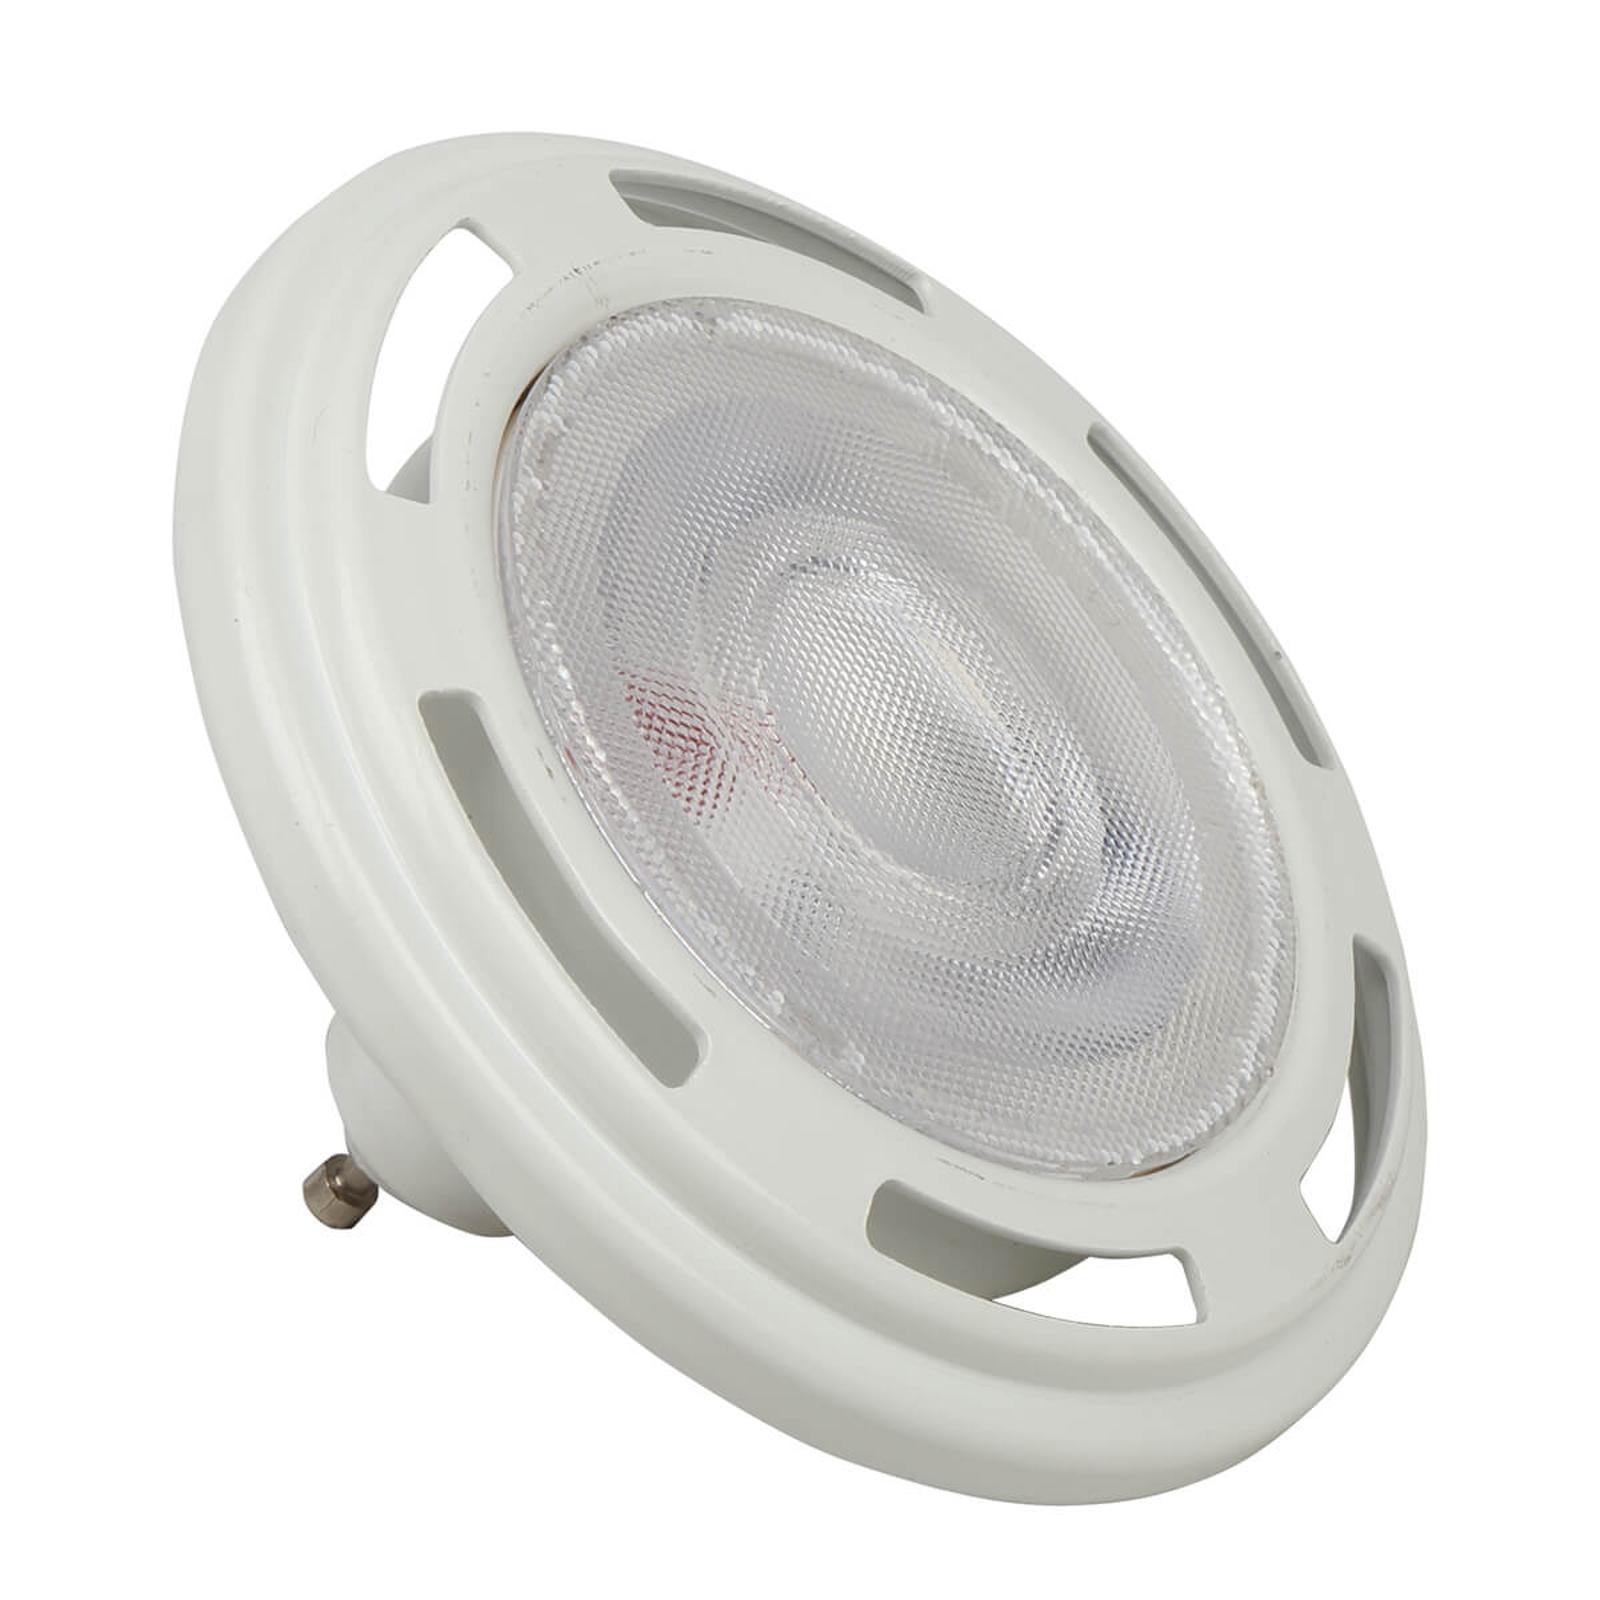 LED Reflektor ES111 25° GU10 11,5W, warmweiß